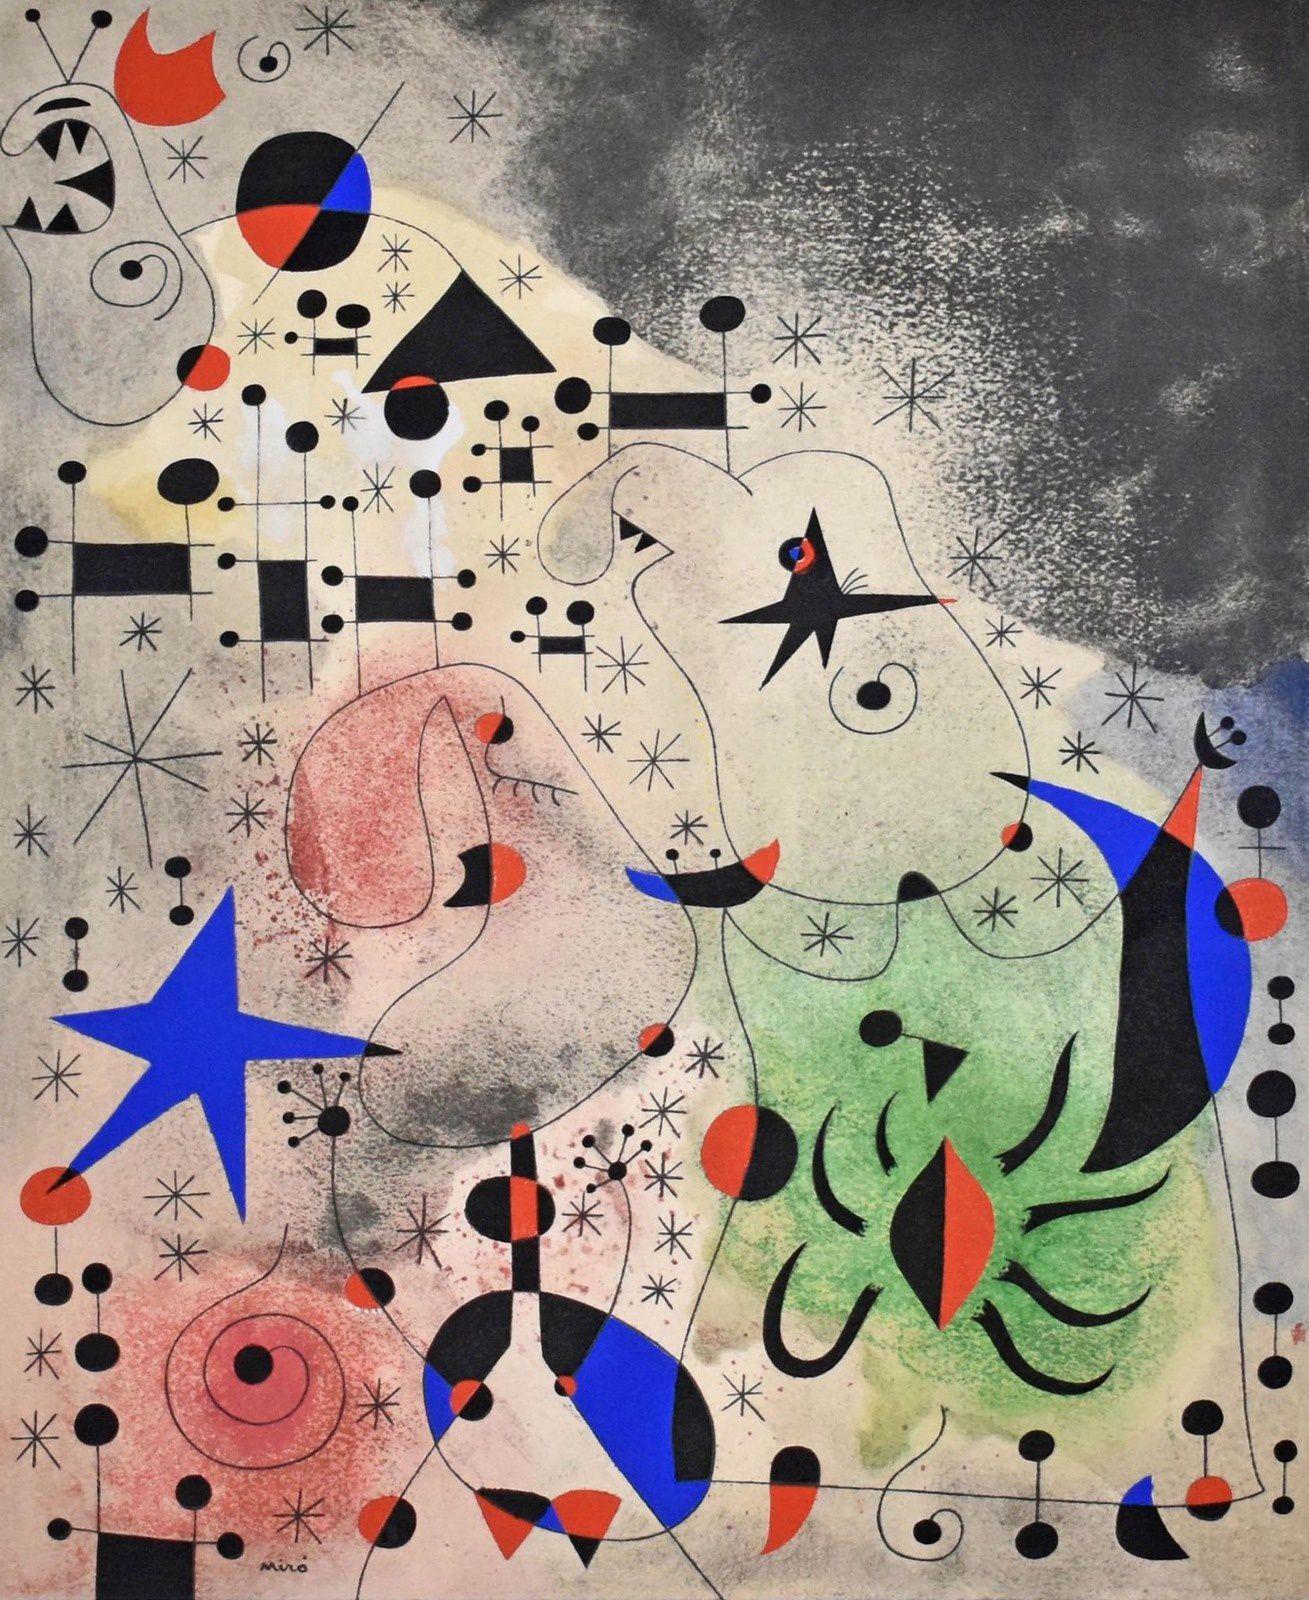 """""""L'Oiseau migrateur"""", 26 mai 1941 de Joan Miró - Courtesy Collection particulière.  Successió Miró - Adagp"""